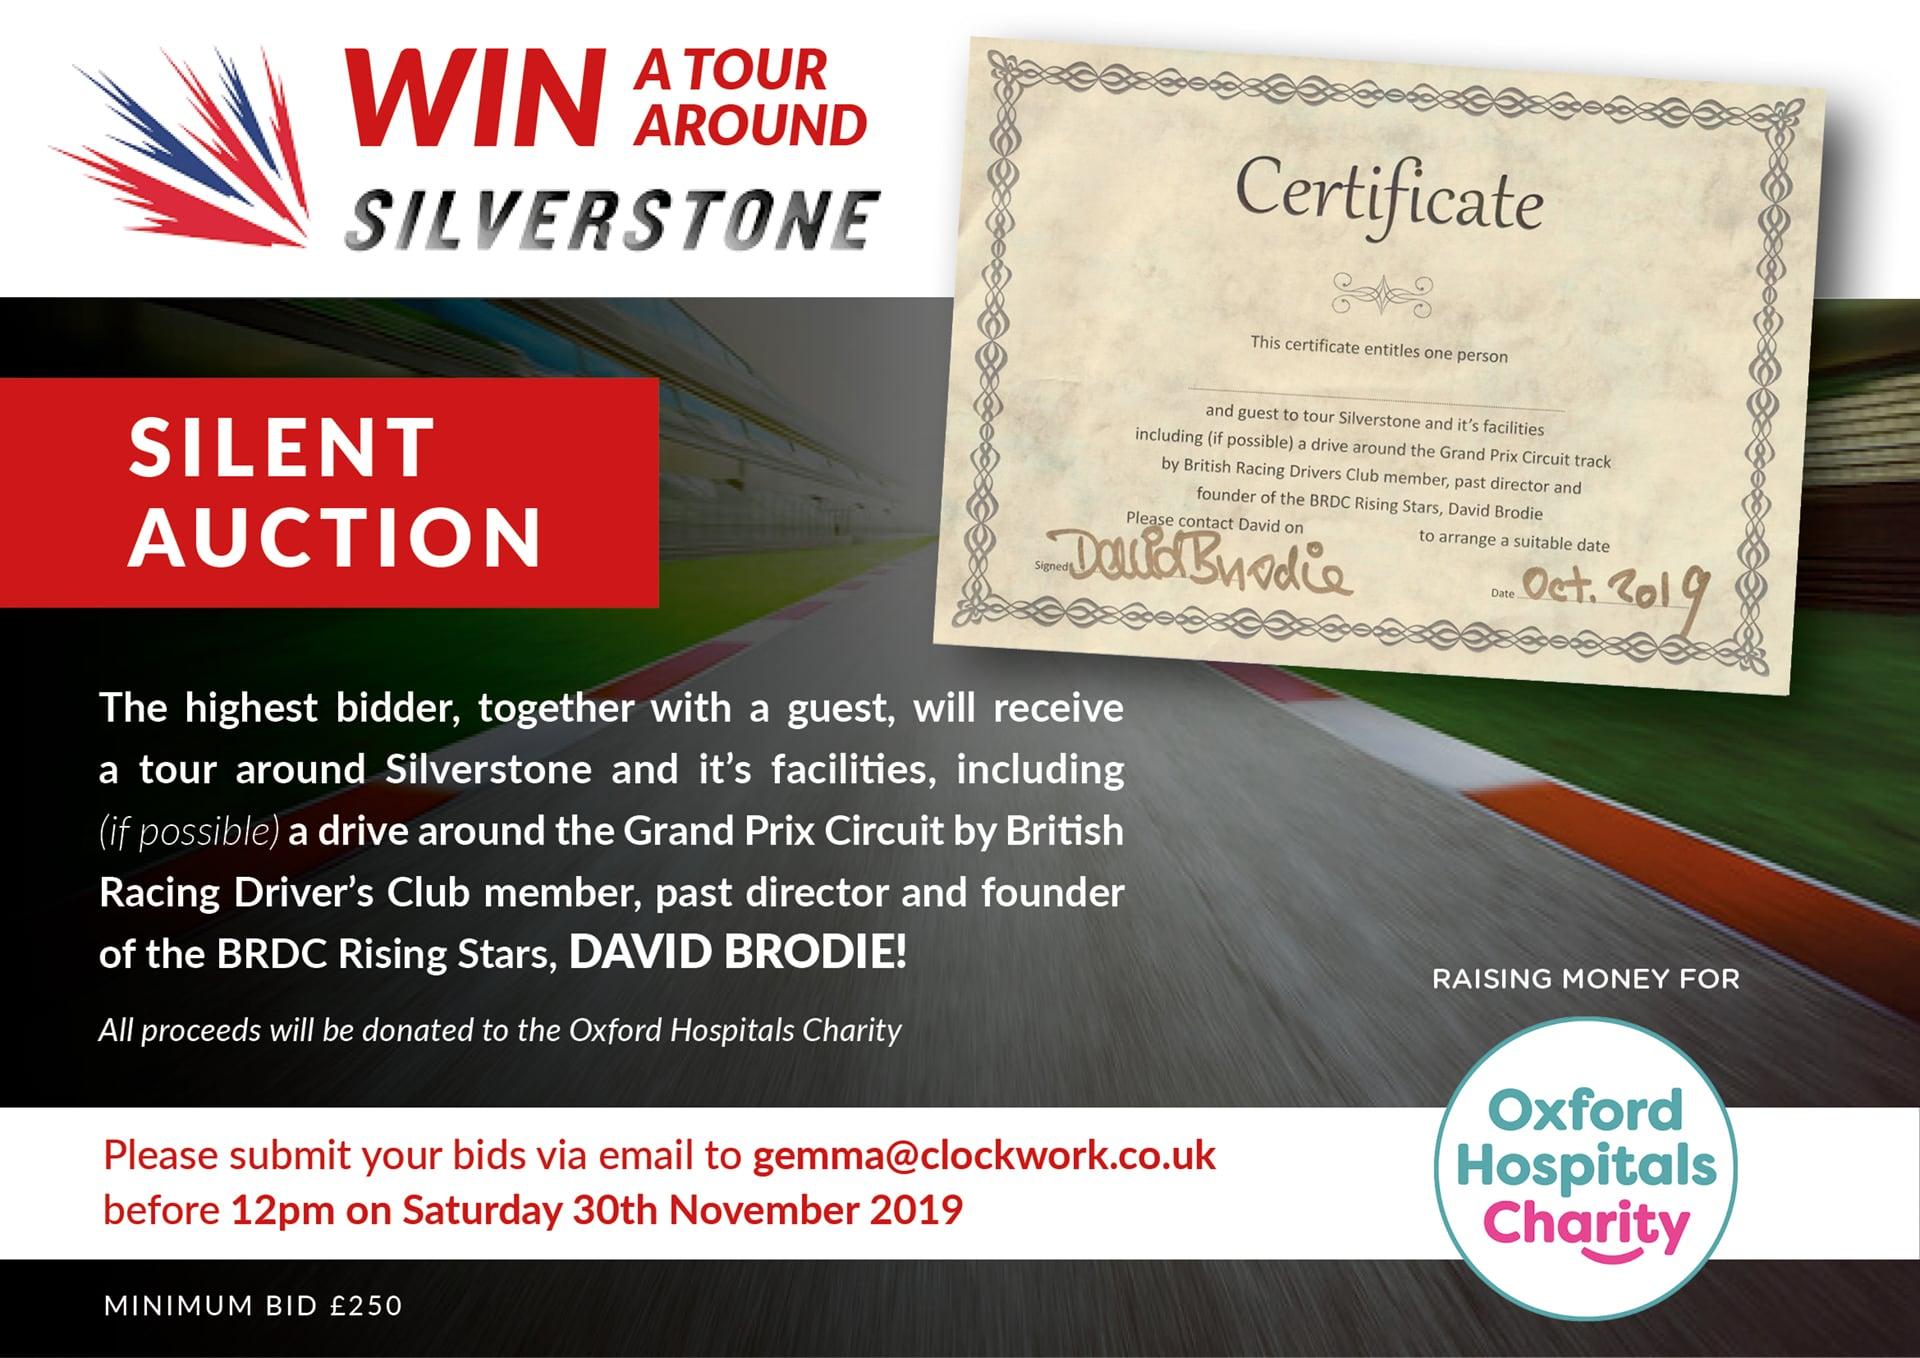 David Brodie Silverstone tour